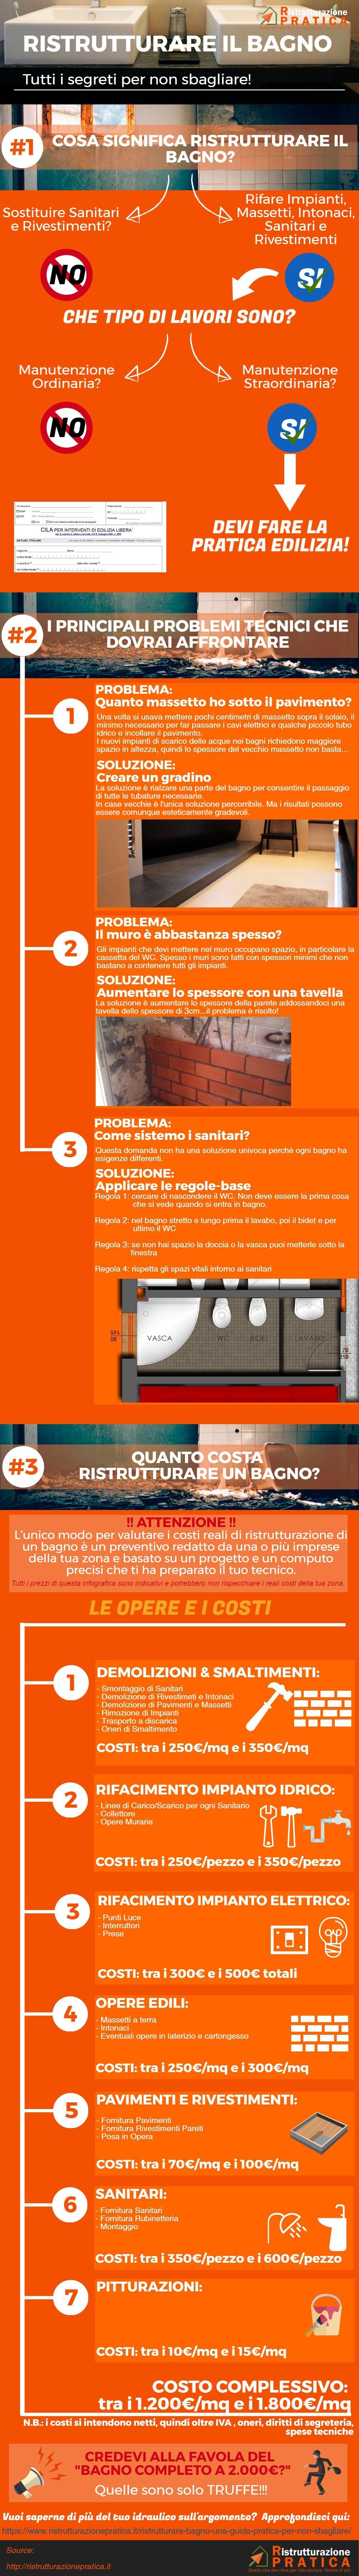 Ristrutturare bagno - infografica